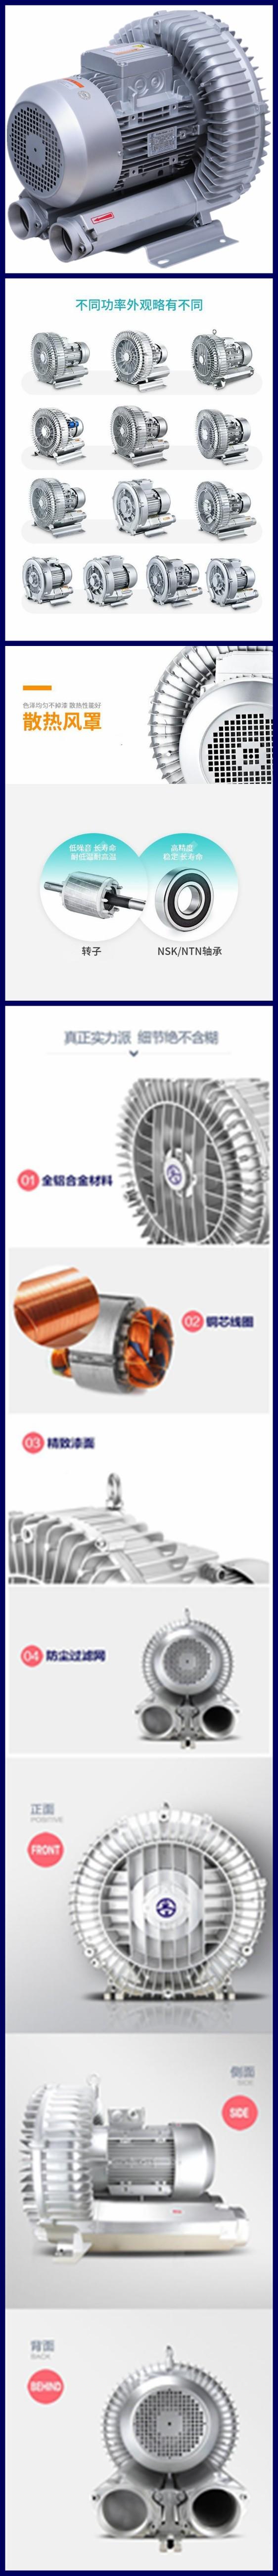 旋涡气泵4.jpg